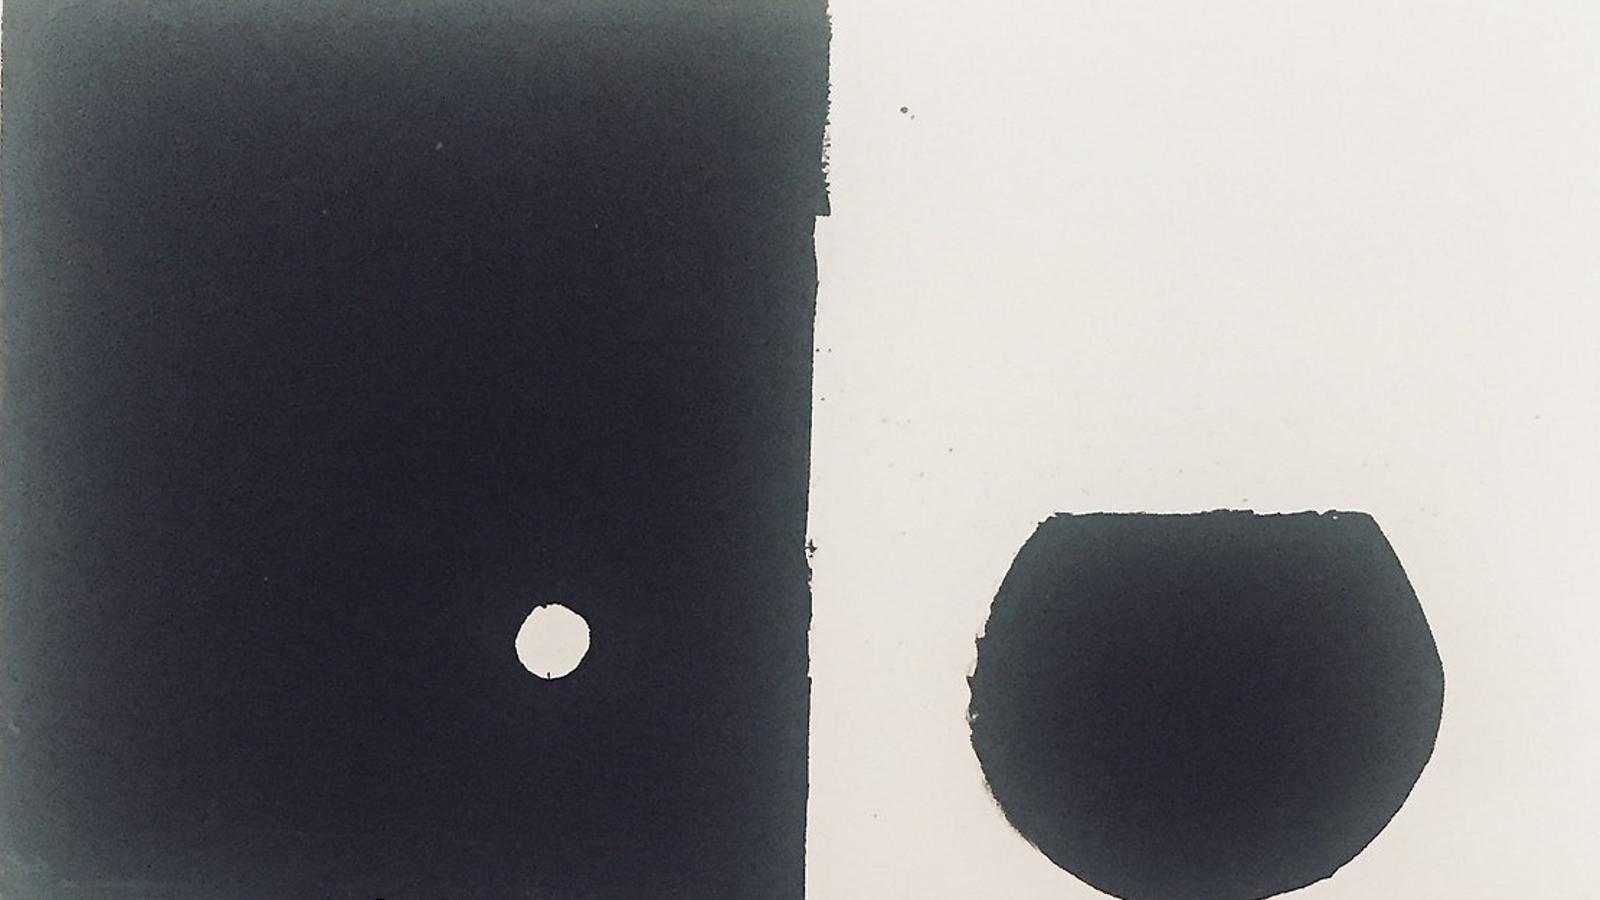 De dalt a baix, Miguel Ángel Campano, davant la sèrie de punts que va fer per a la galeria Maior. Sense títol, un paisatge pintat sobre paper el 1992. Julio, tríptic sobre tela de l'any 2000, de la col·lecció de Sa Nostra. Subash,  20-9-94, obra dipositada a Es Baluard per l'Ajuntament de Palma.